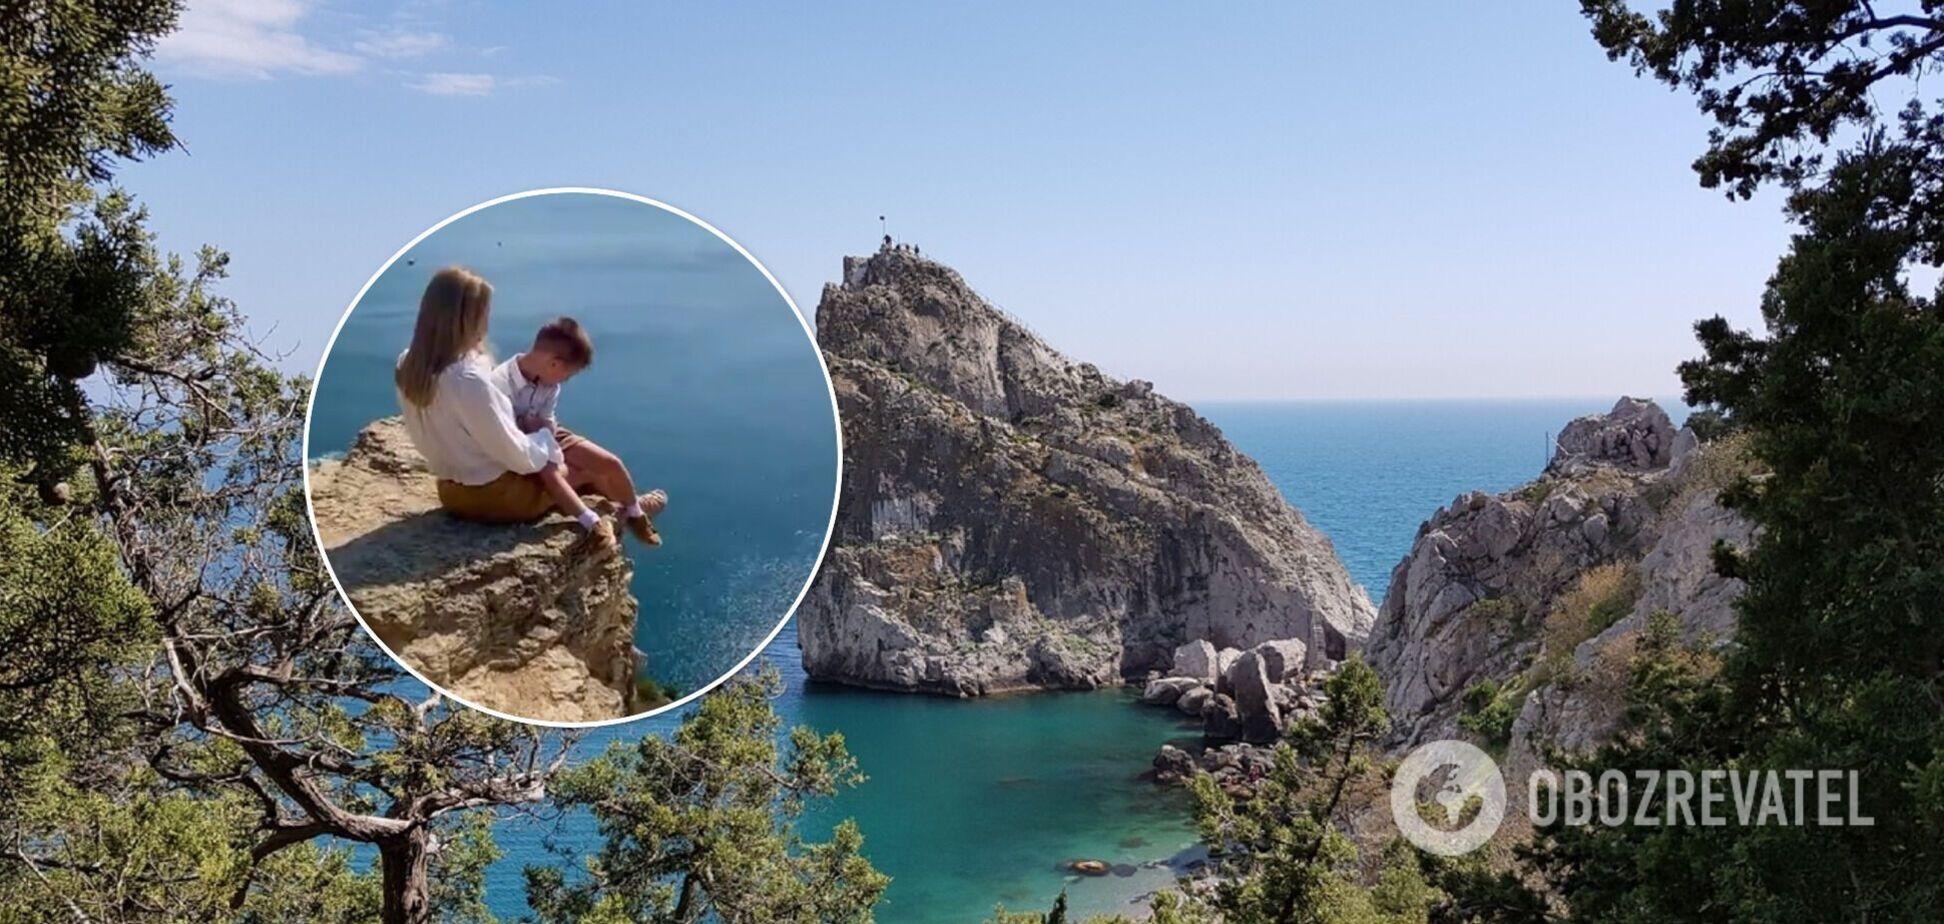 У Криму інстаблогерка влаштувала фотосесію з дитиною на краю скелі. Відео